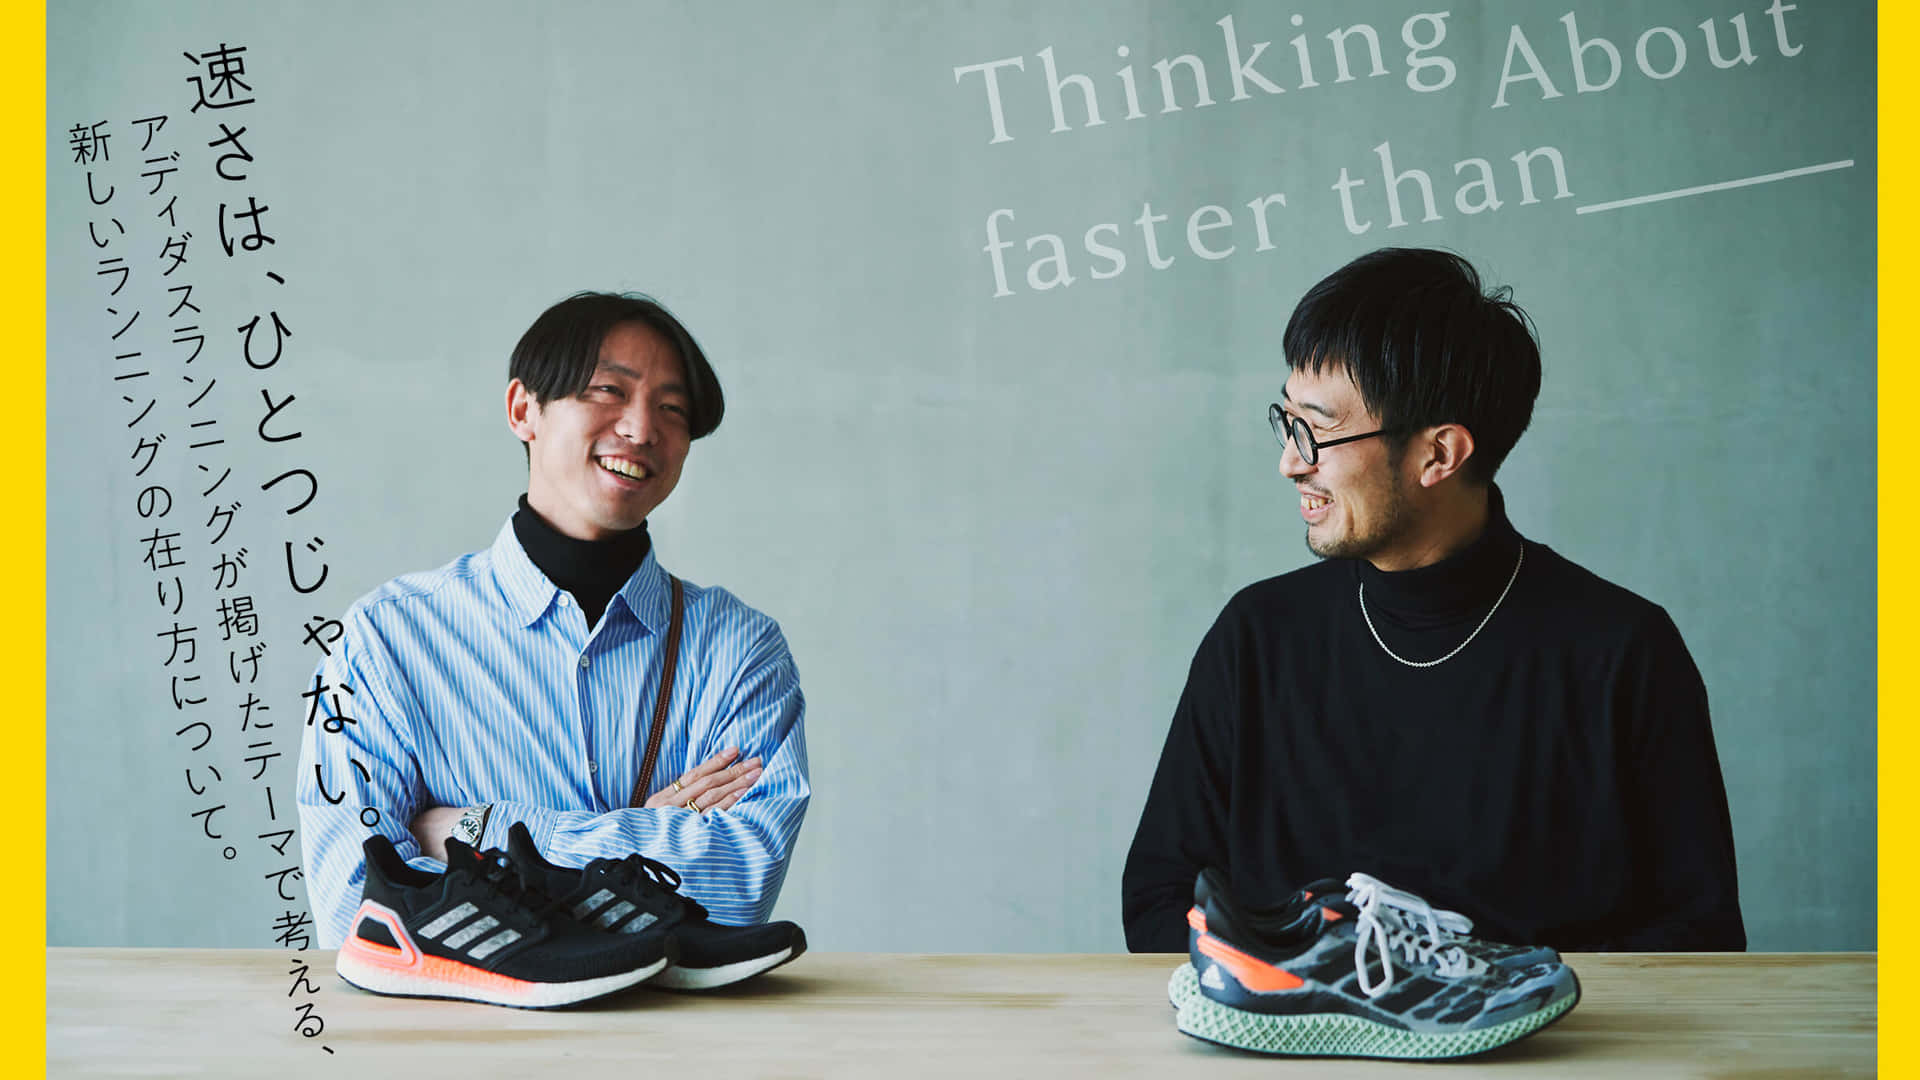 速さは、ひとつじゃない。アディダスランニングが掲げたテーマで考える、新しいランニングの在り方について。